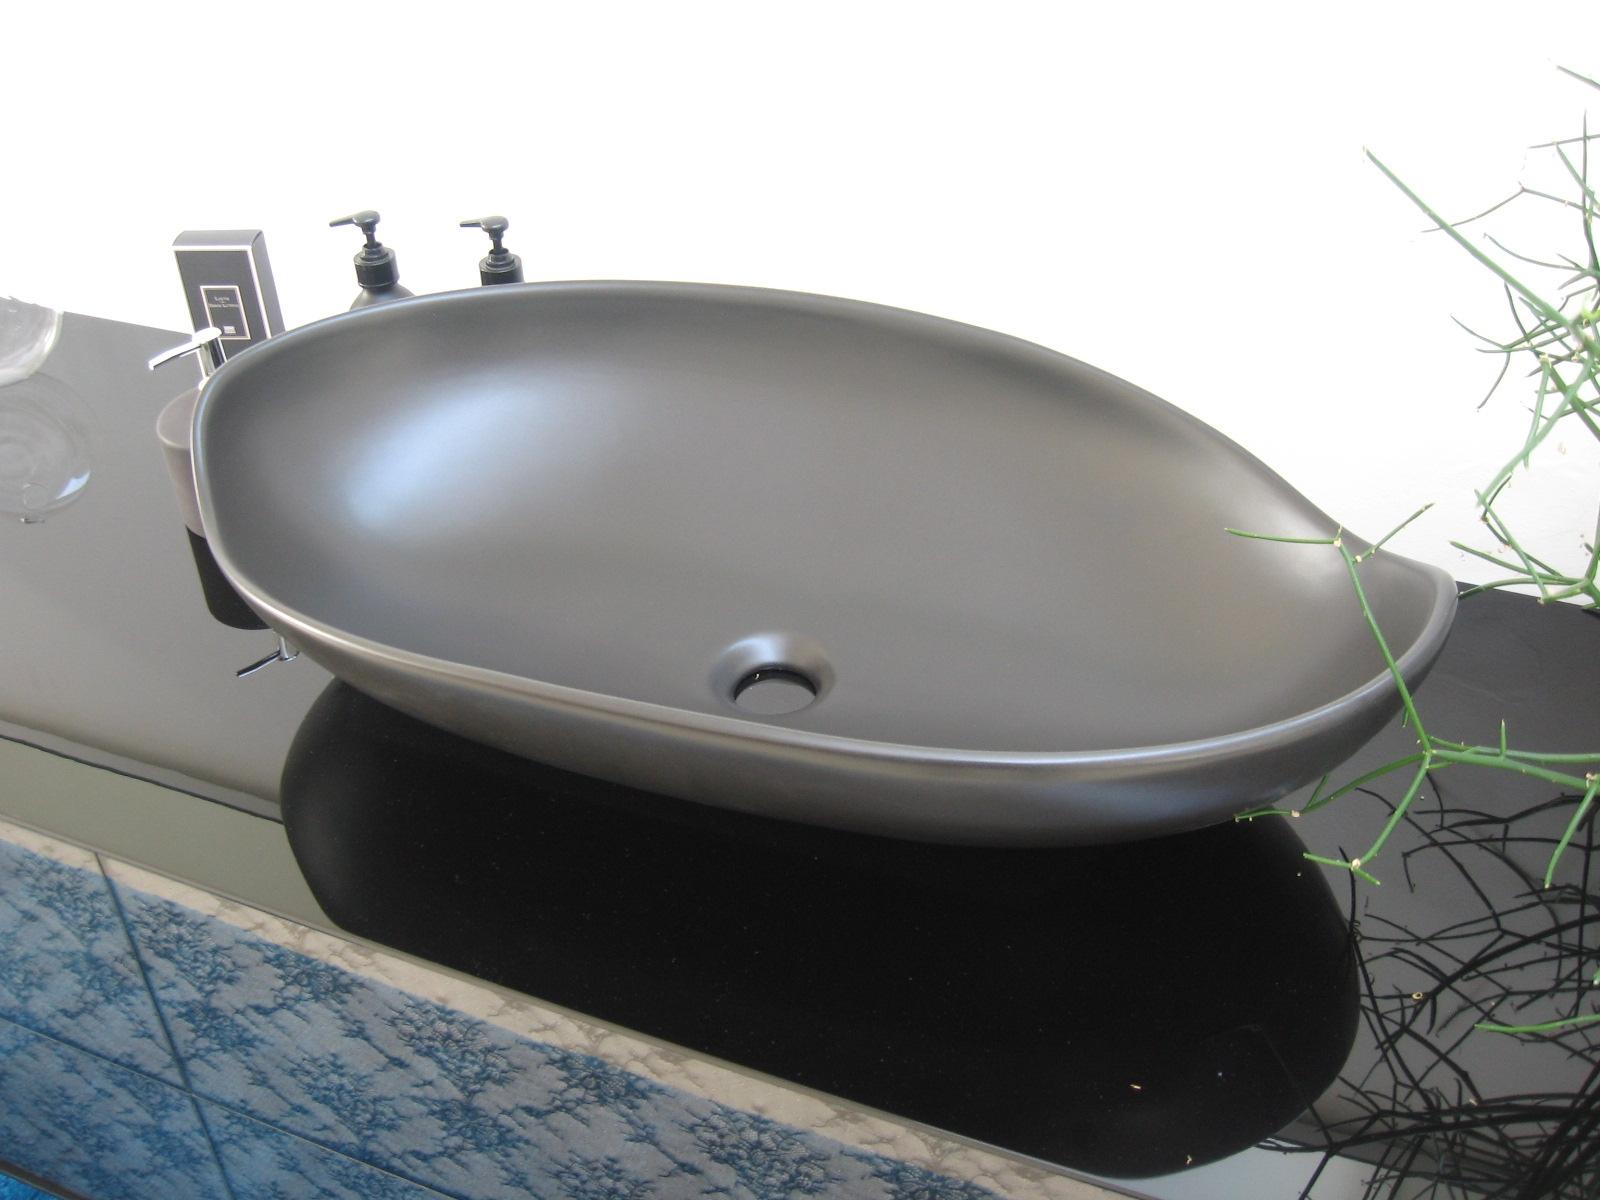 Arlex lavabo appoggio miyuki nero satinato design ceramica - Lavello bagno appoggio ...